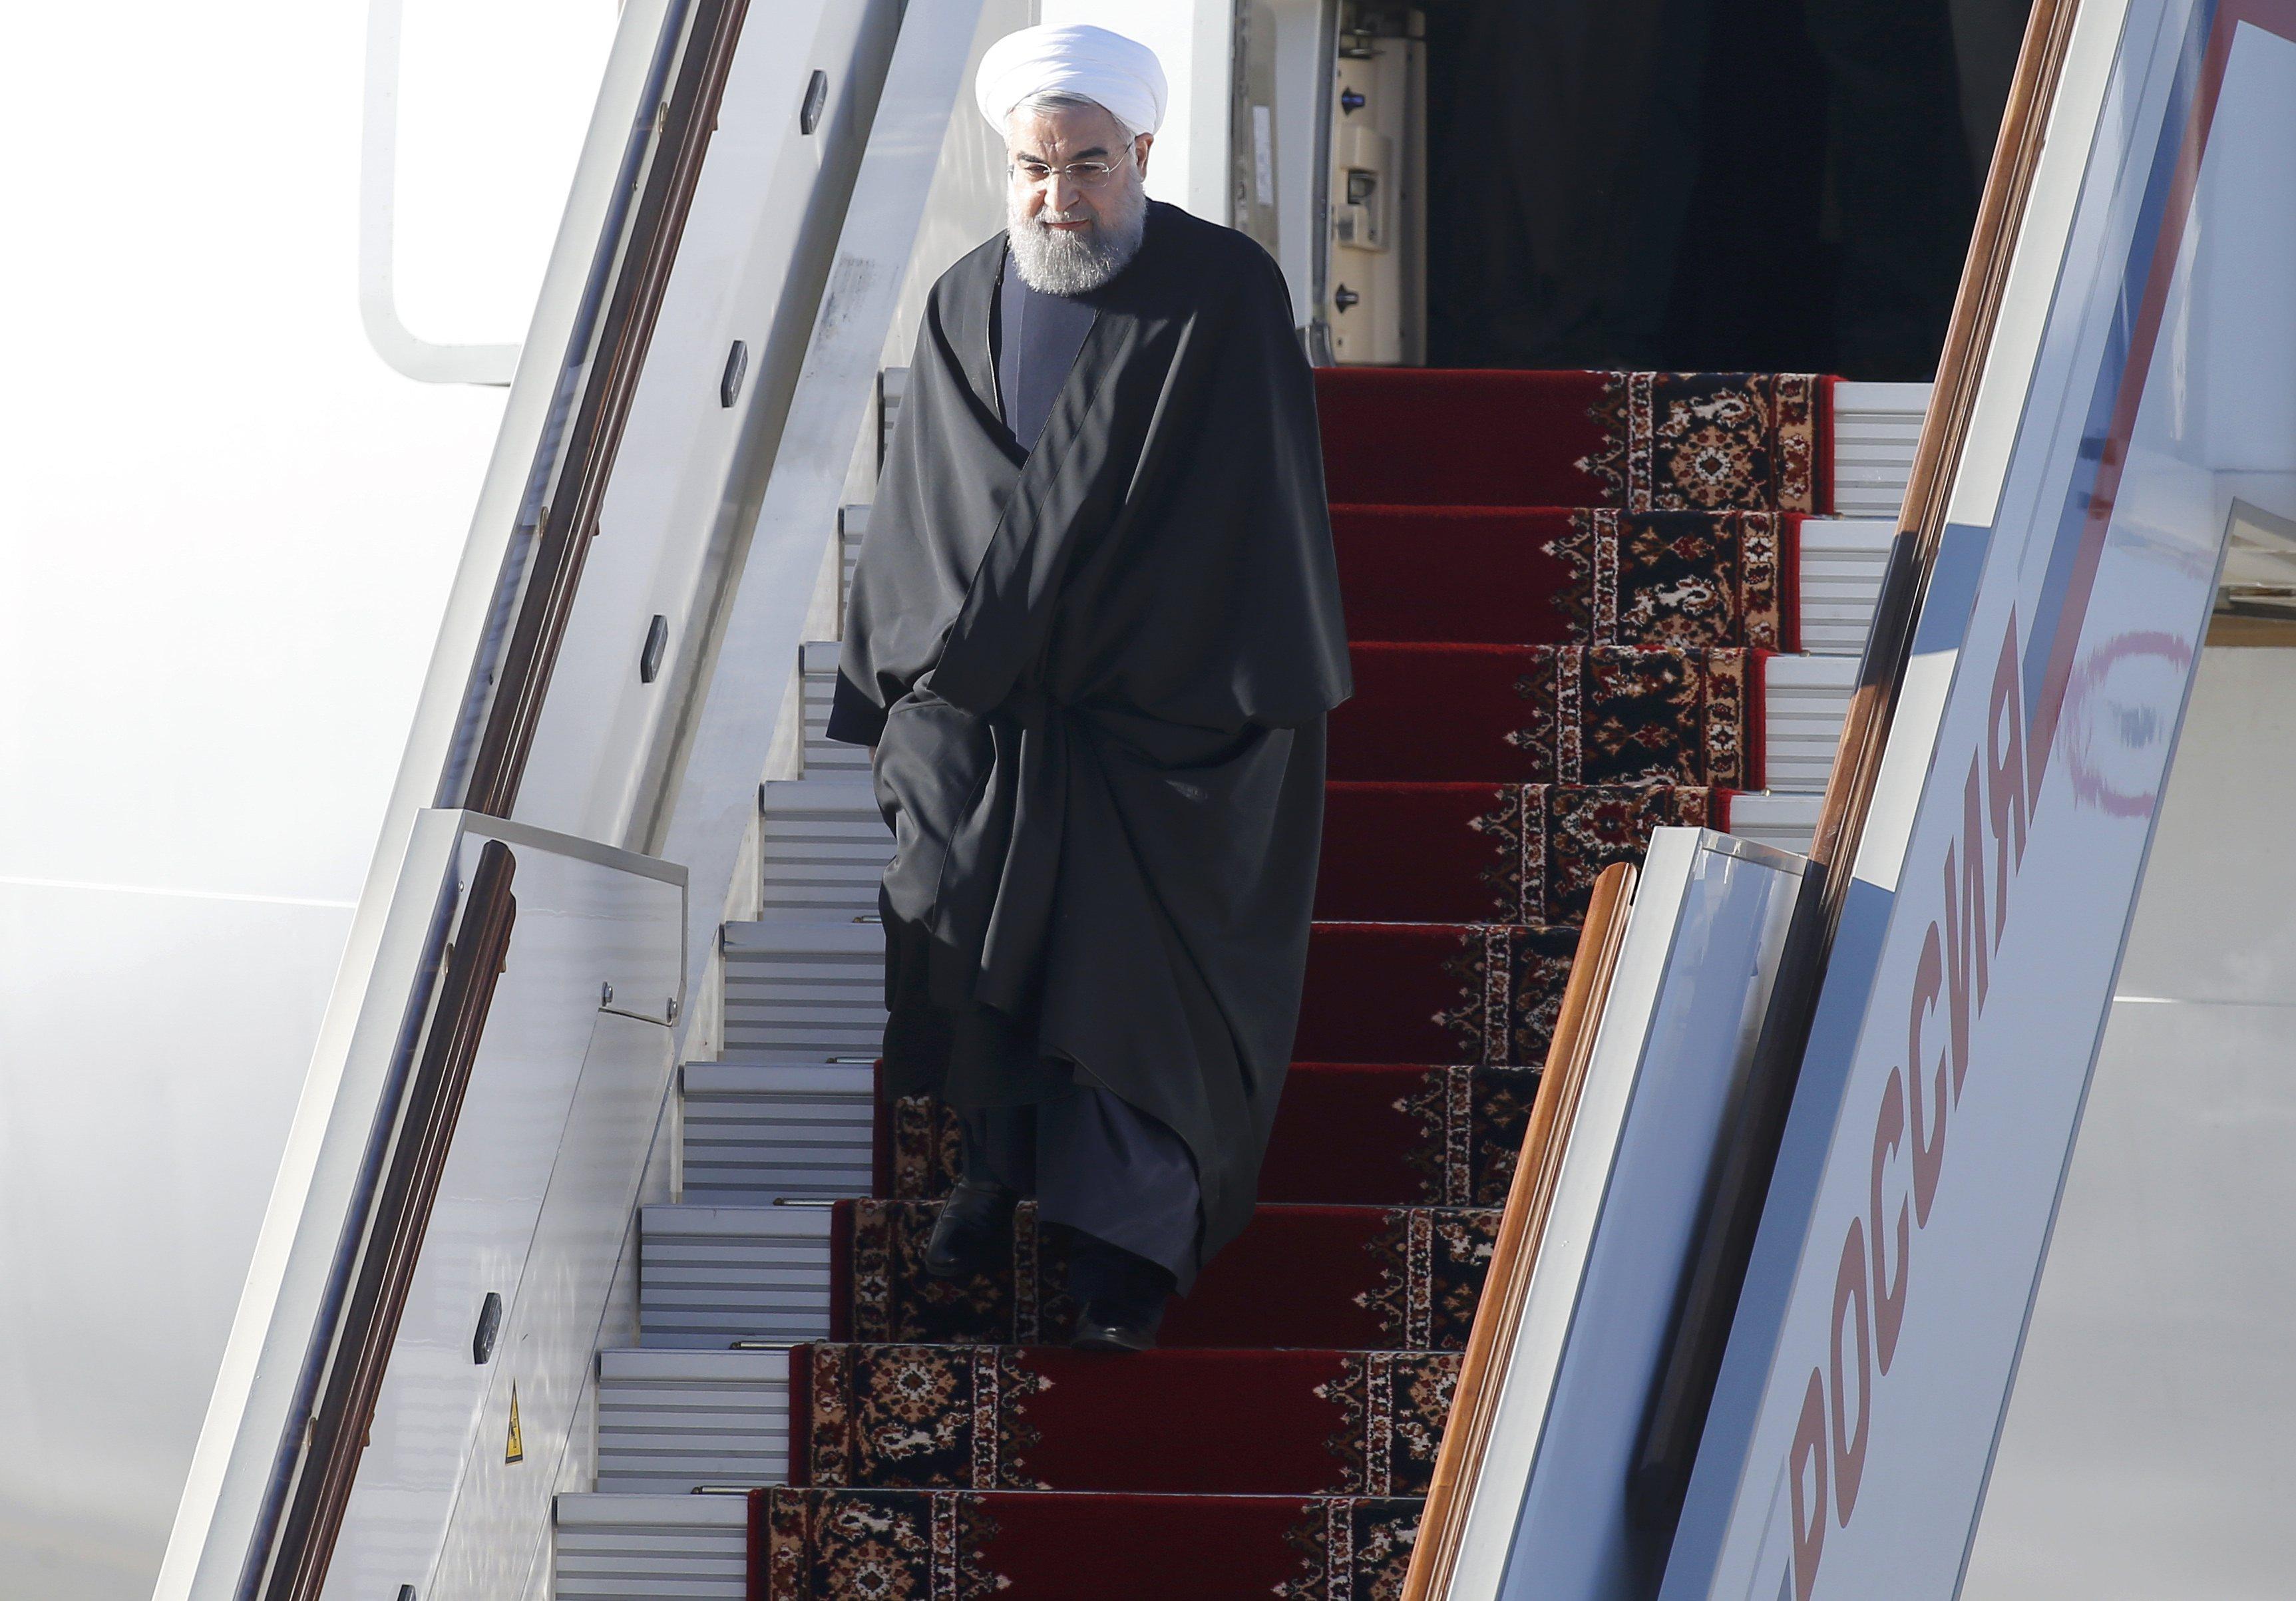 الرئيس الايراني يصل الى انقرة